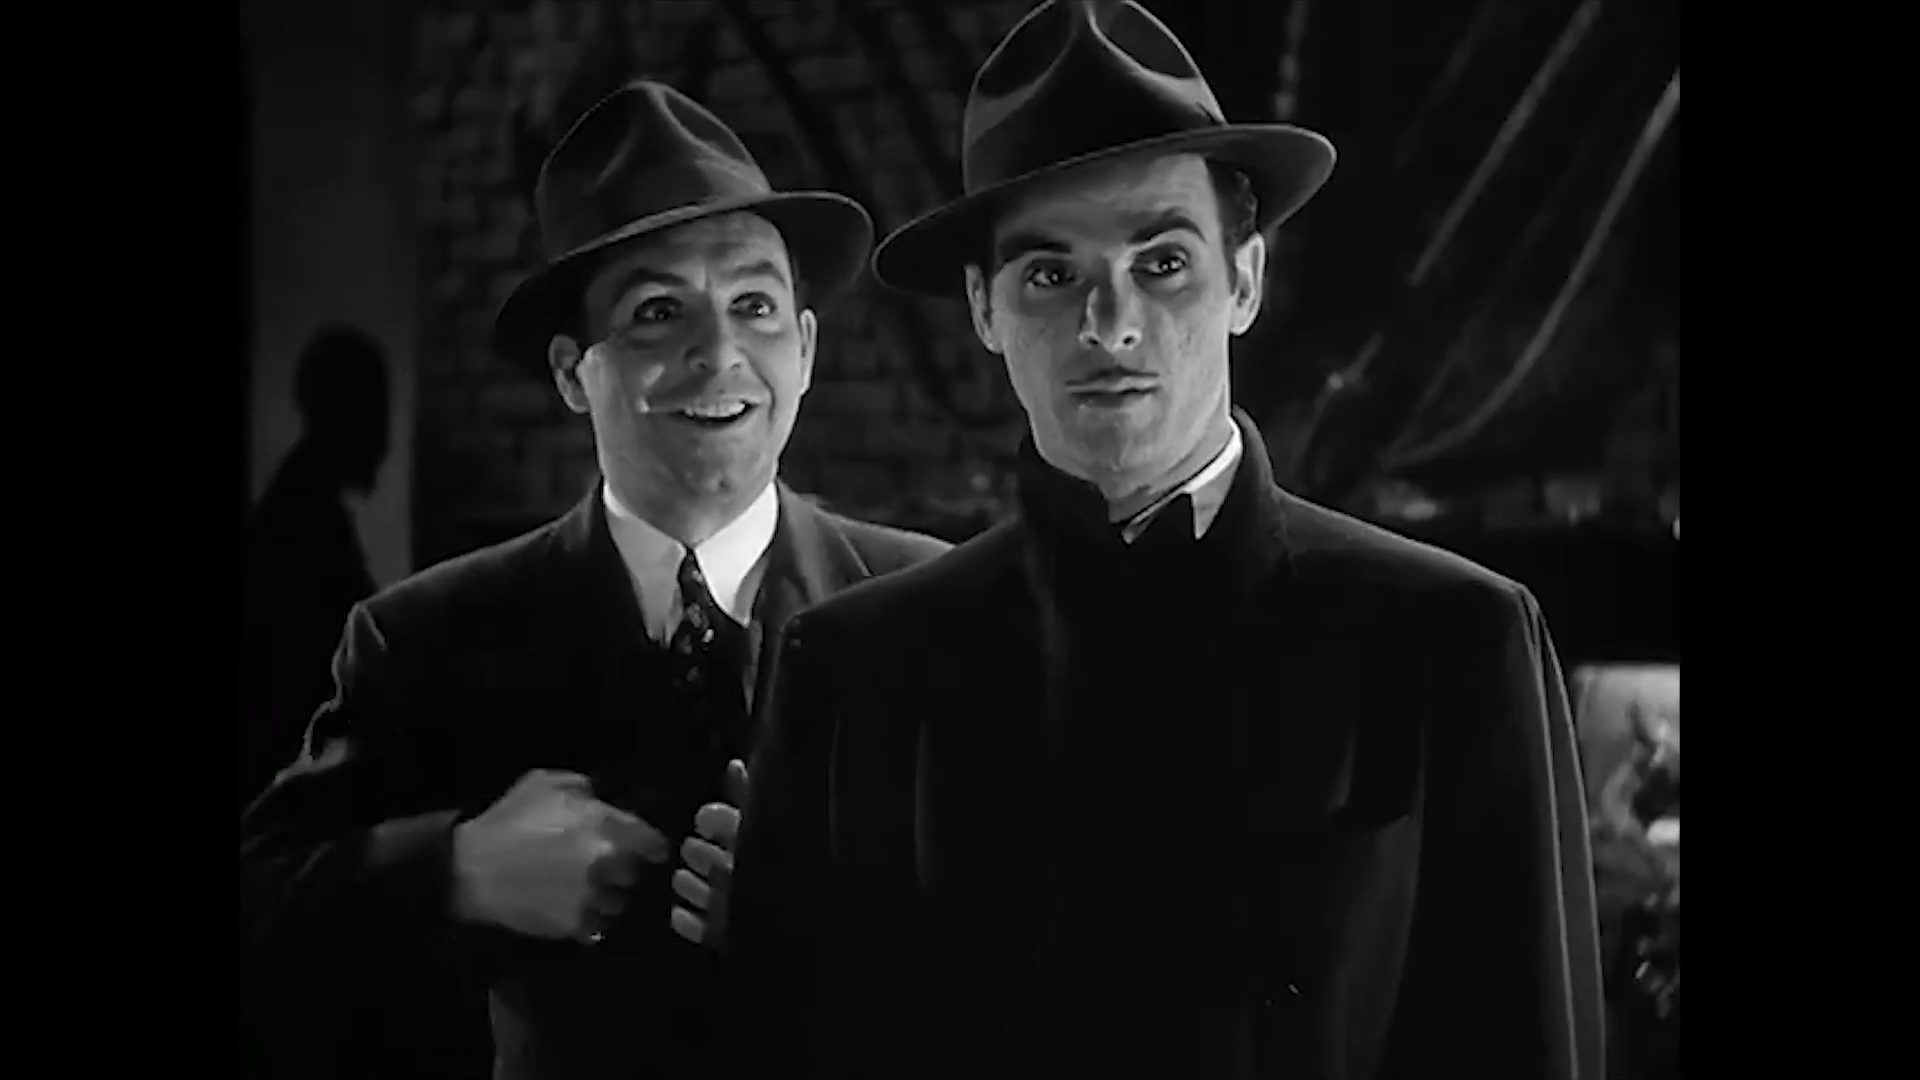 Edward Marr et Marc Lawrence dans le film américain Charlie Chan at the Wax museum (1940) de Lynn Shores